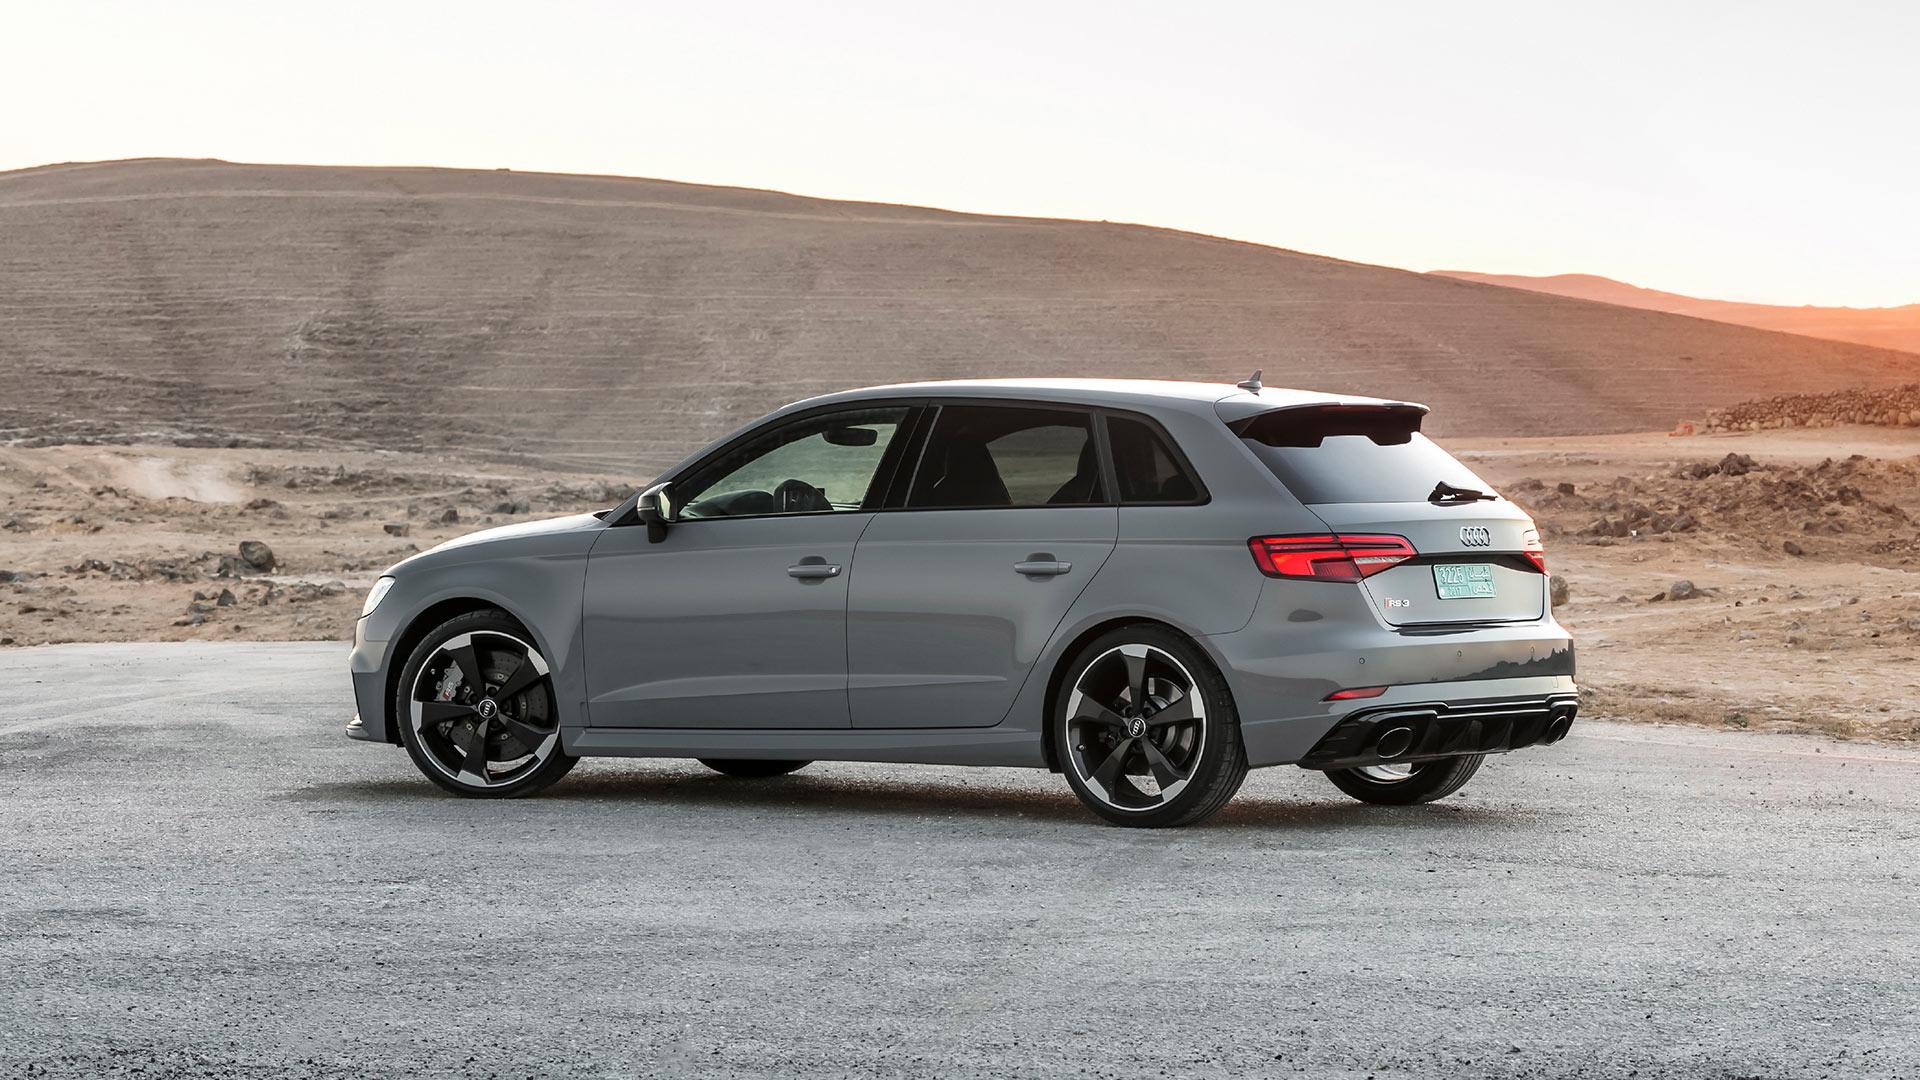 Kelebihan Kekurangan Audi Rs Tangguh